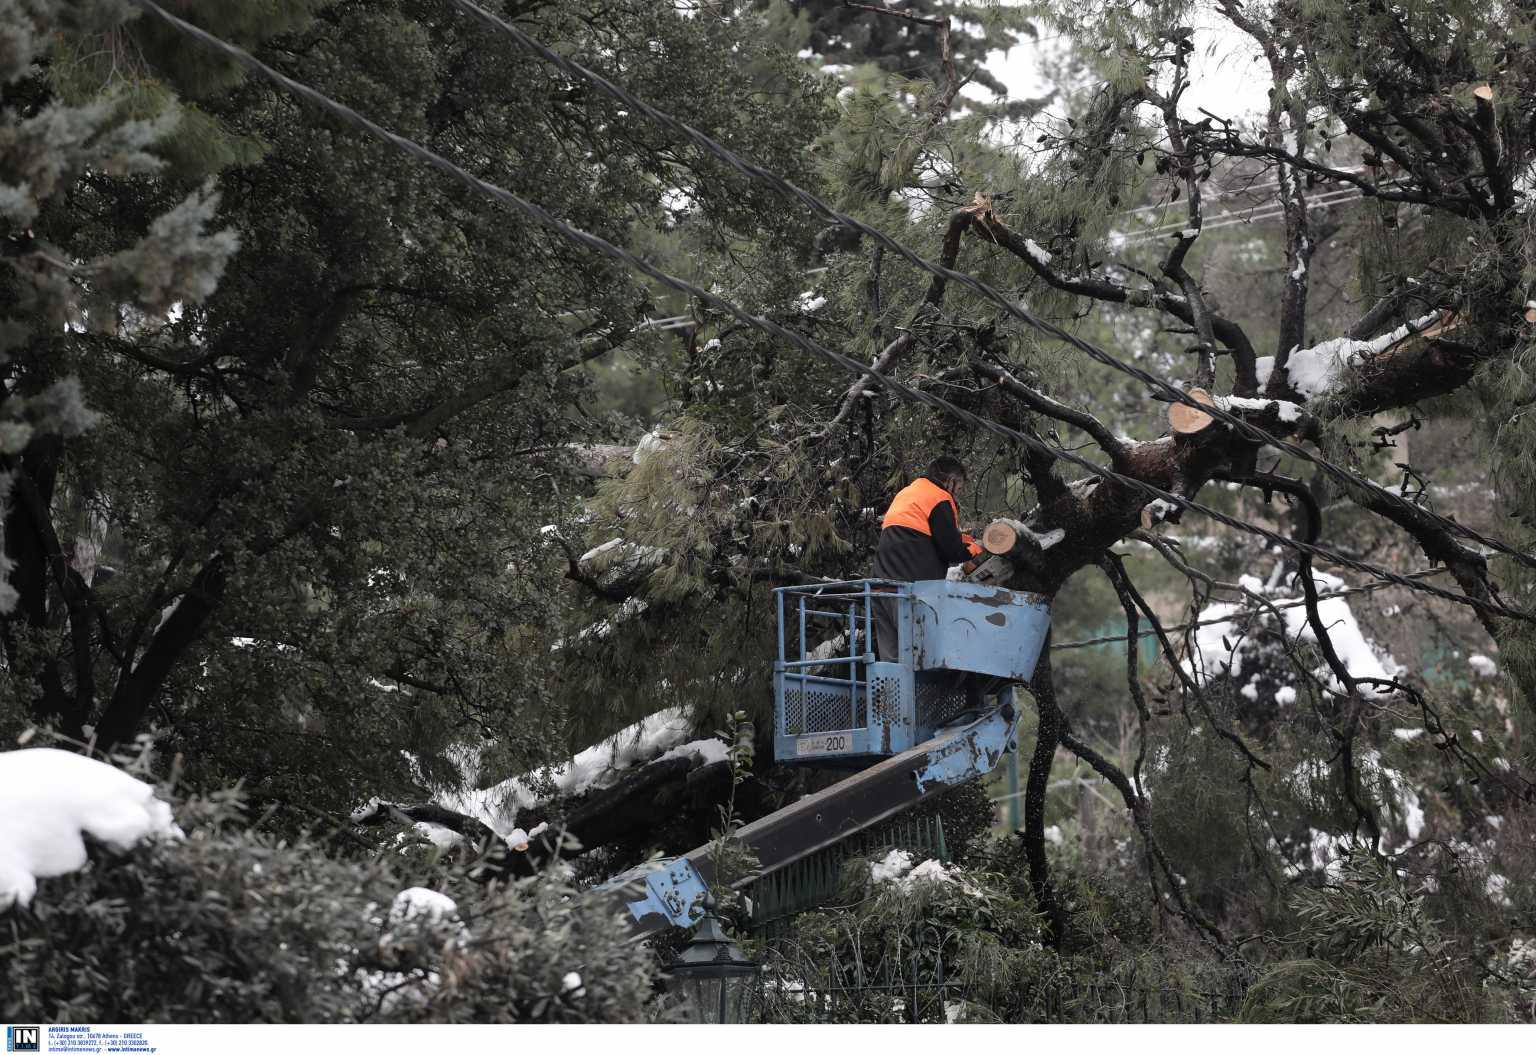 Διακοπές ρεύματος: Σε ποιες περιοχές θα πραγματοποιηθούν σήμερα (06/08)